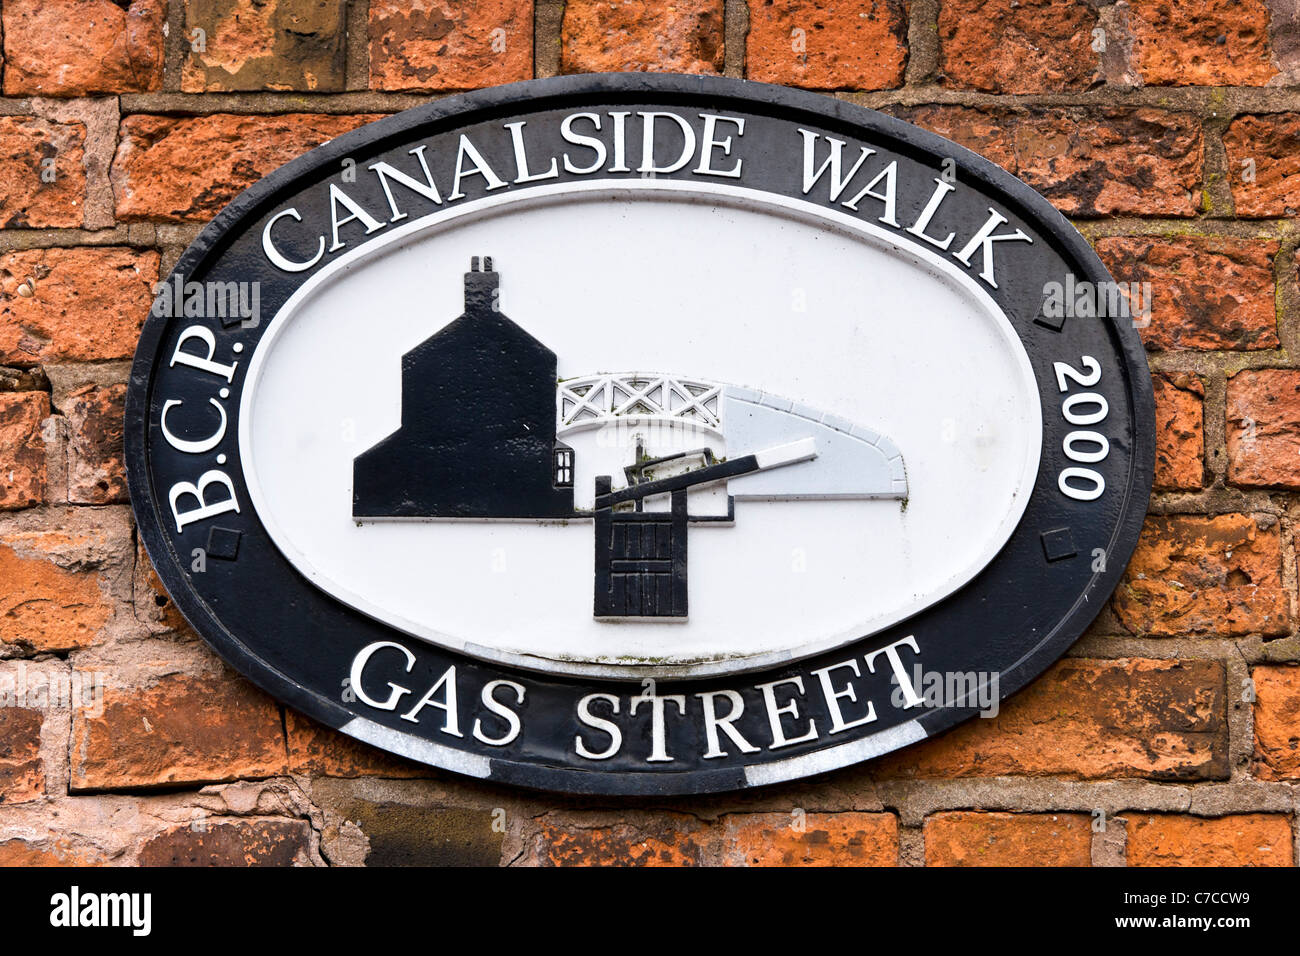 Inscrivez-vous pour marcher au bord du canal au bassin de Gas Street, Birmingham, West Midlands, England, UK Photo Stock